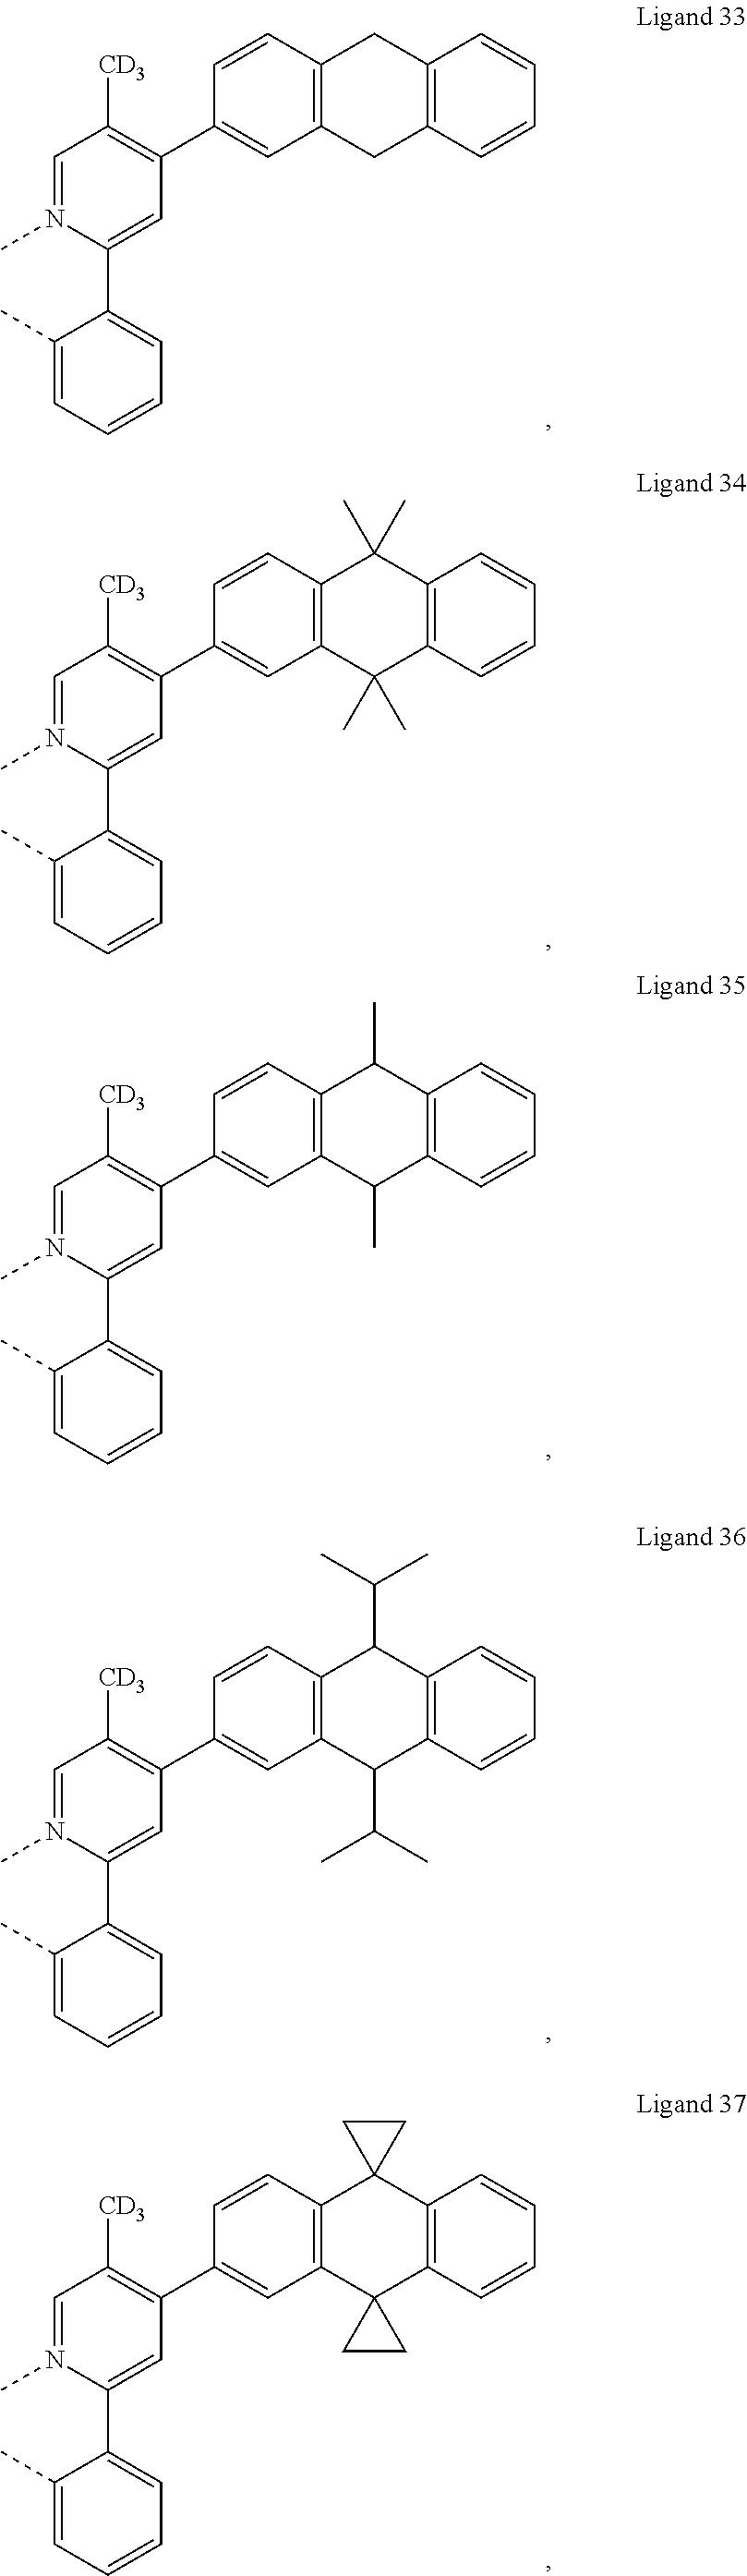 Figure US20180130962A1-20180510-C00235